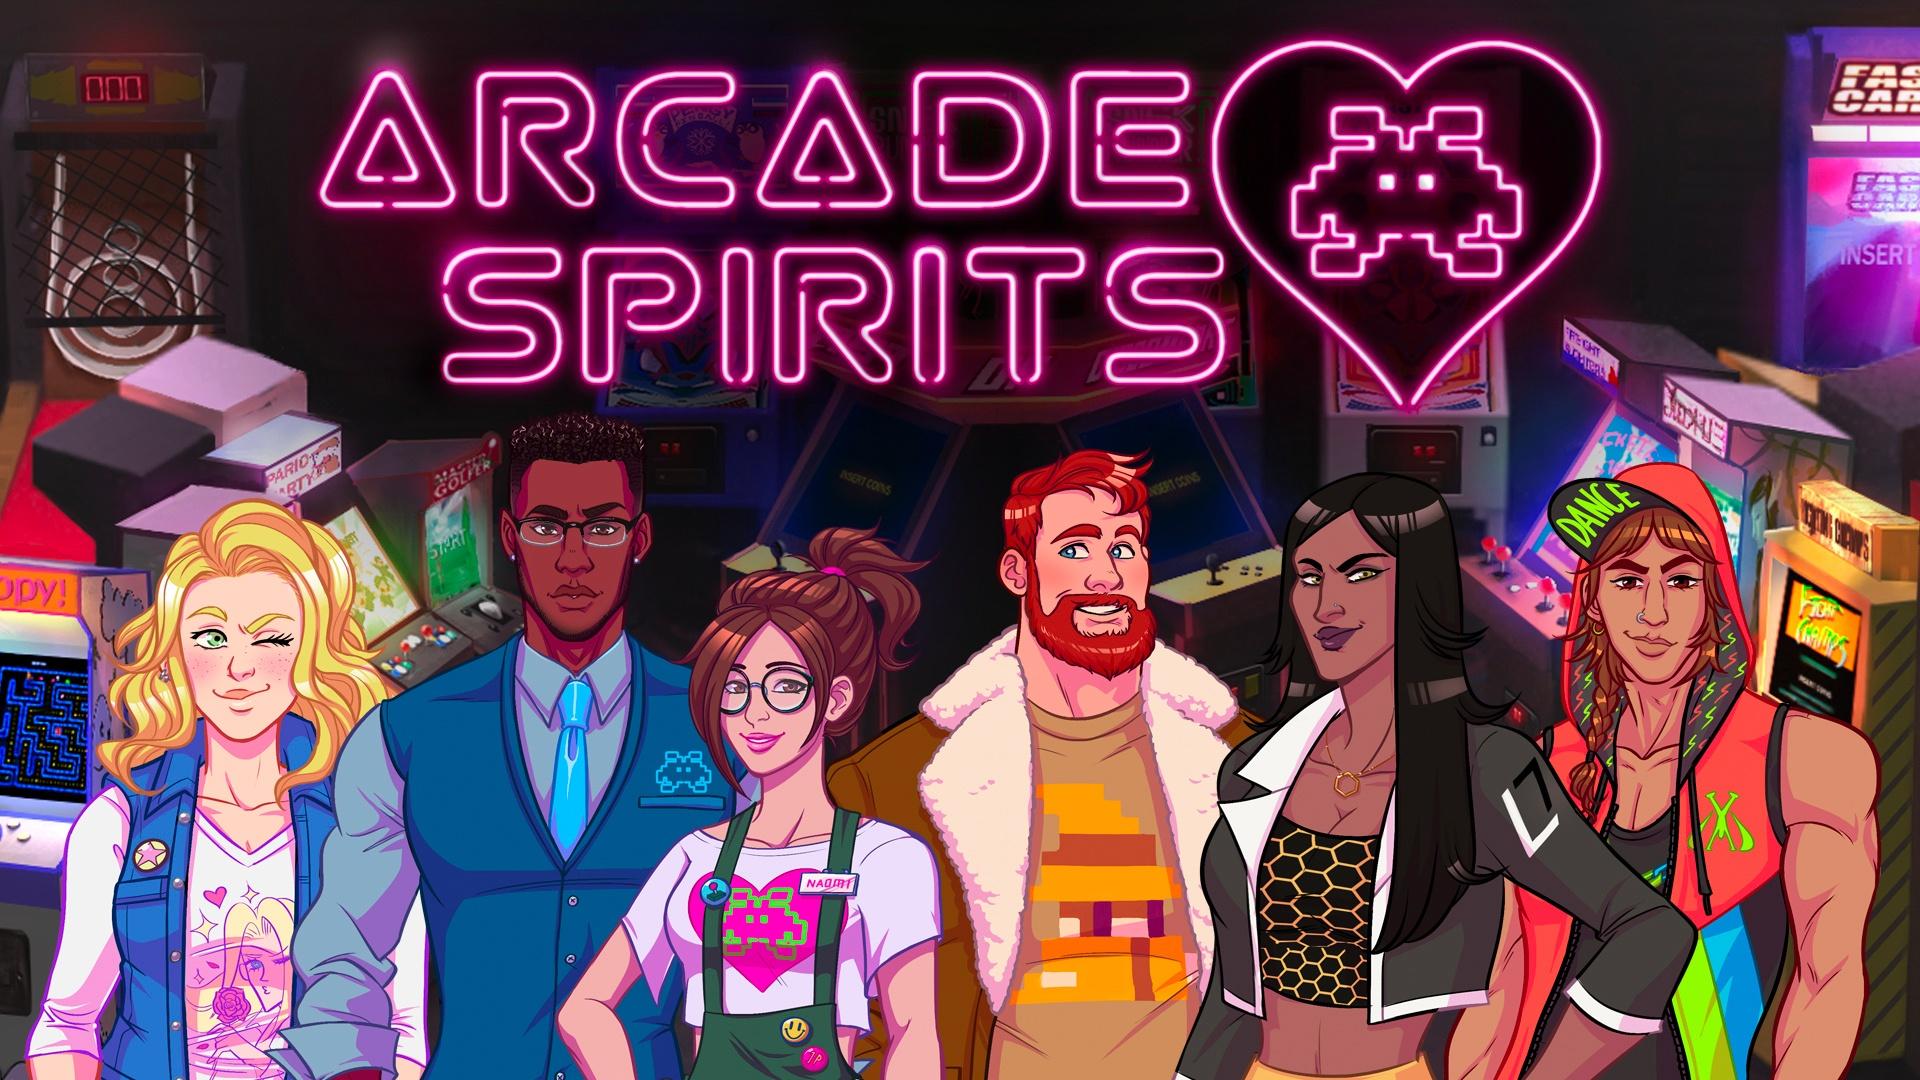 Романтическая визуальная новелла Arcade Spirits выйдет на Switch в мае